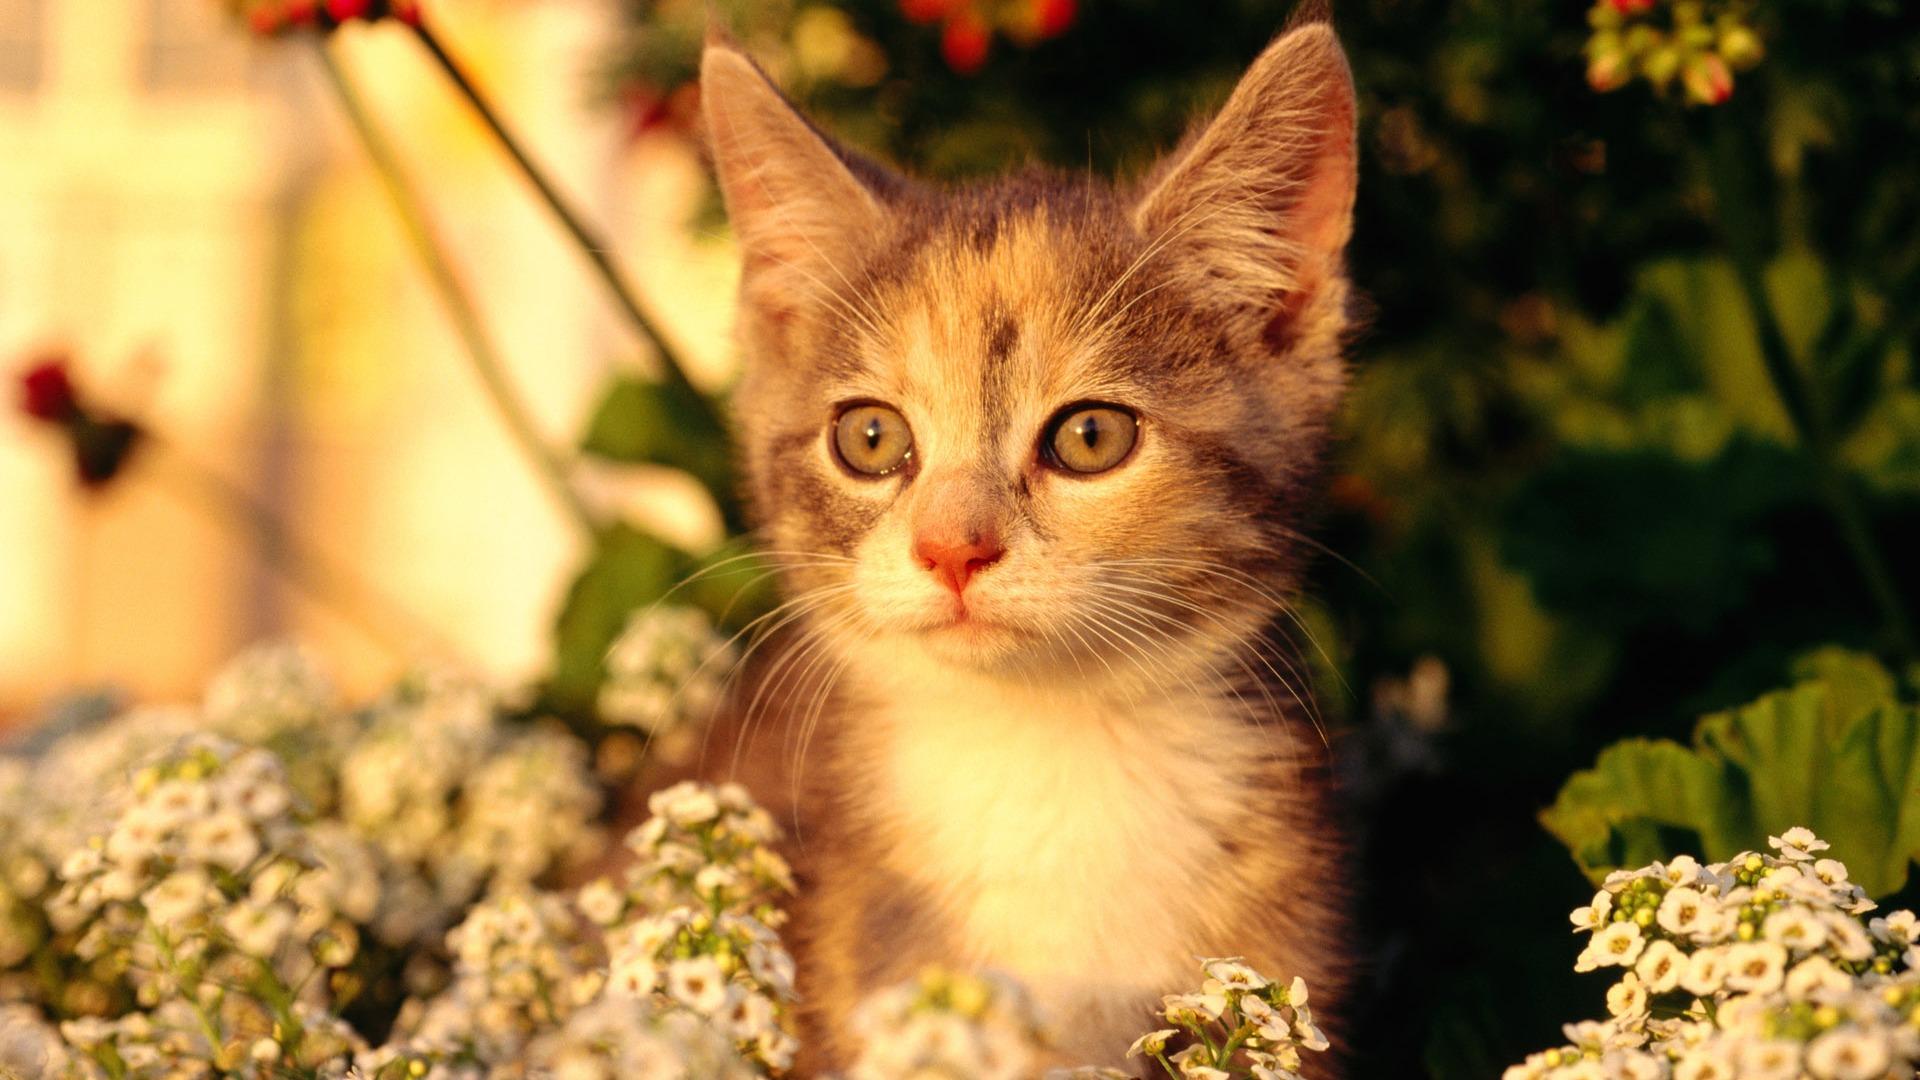 HD Wallpaper cute cat Foto #21 - 1920x1080 Wallpaper ... Hd Wallpaper 1920 X 1080 Kittens